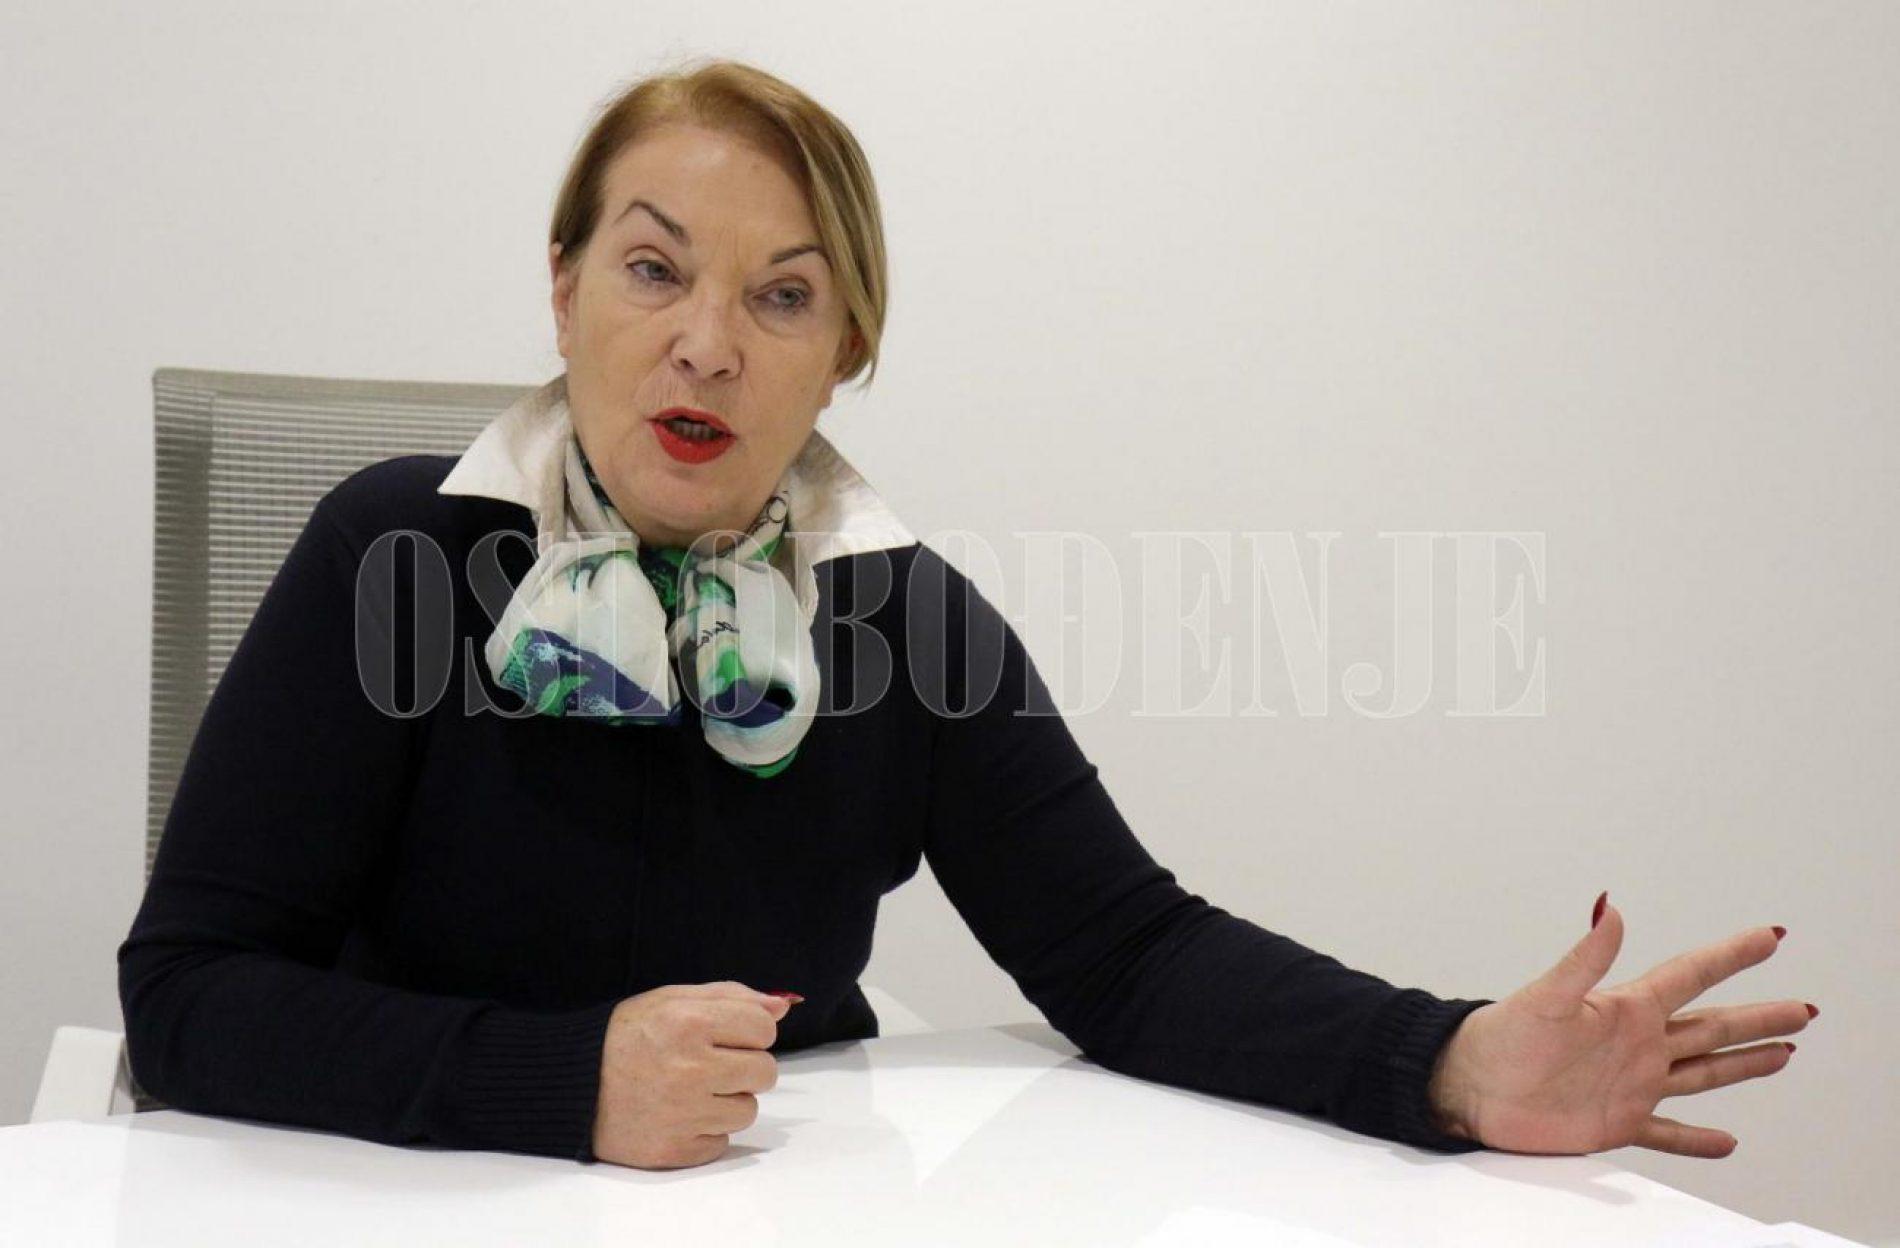 Zakon o radu kaže da ako se neko tri dana ne pojavi na poslu bez obrazloženja da dobija otkaz